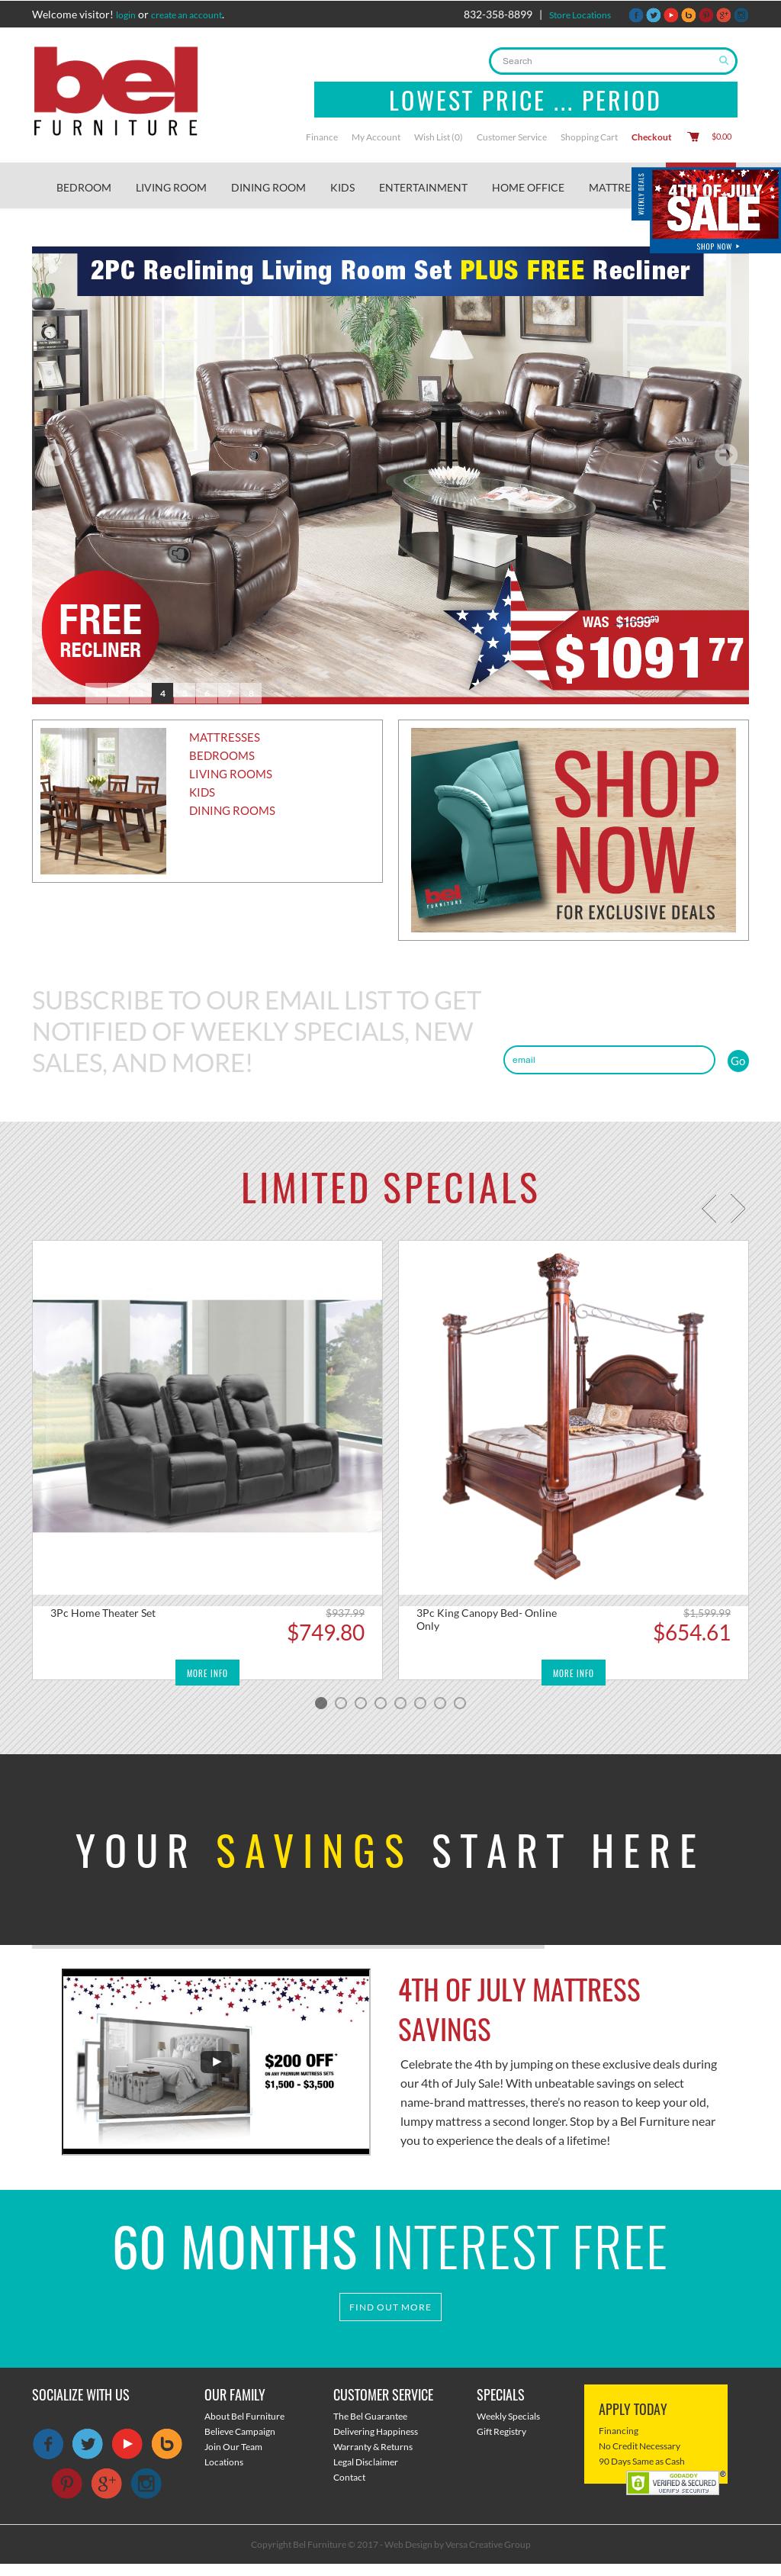 Bel Furniture Website History